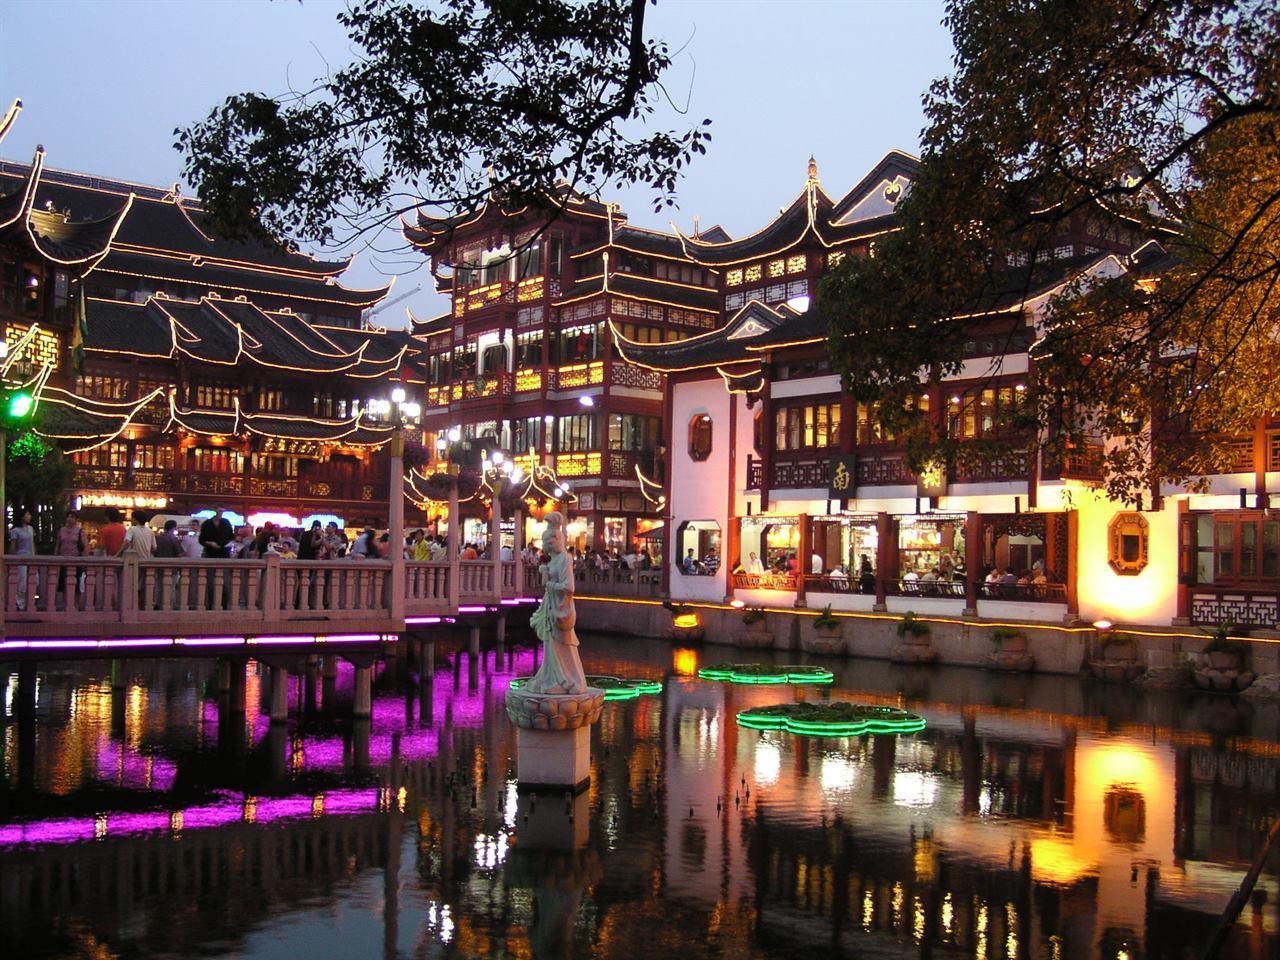 Безмятежный оазис в эпицентре шумного Шанхая: сад Юй Юань